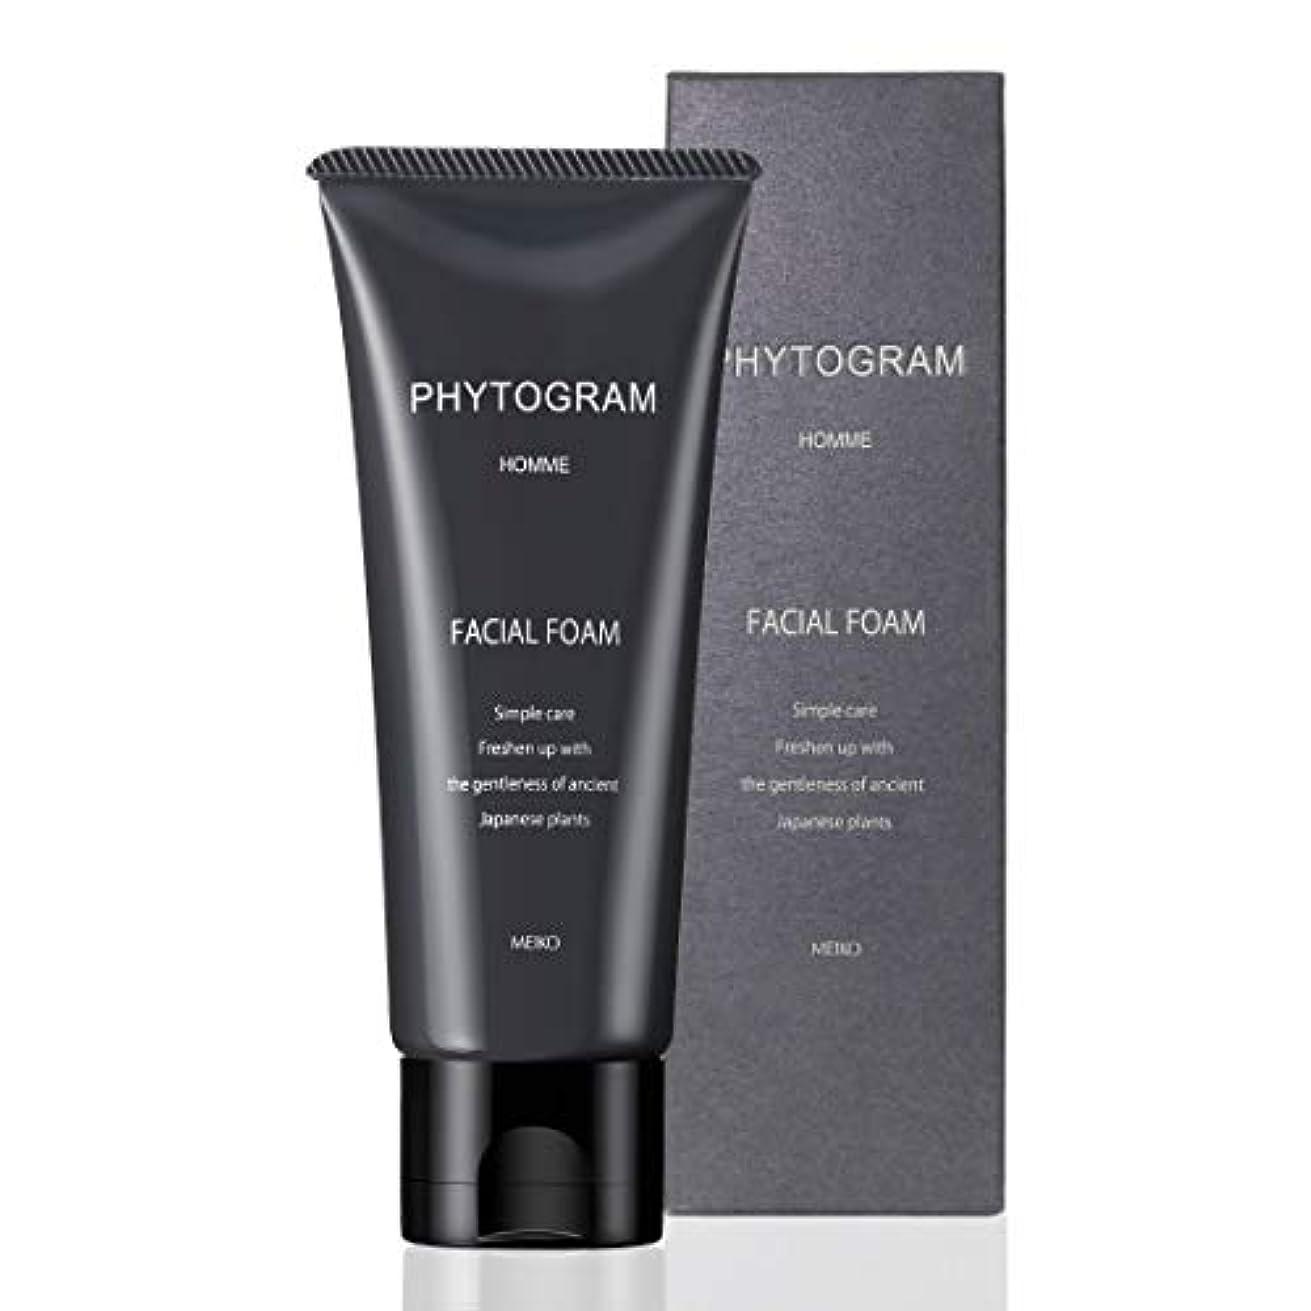 クレタプラス加速度メンズ フェイシャルフォーム 100g ( 男性用 洗顔クリーム 洗顔料 保湿 ナチュラル 植物 日本製 )【 フィトグラム 】